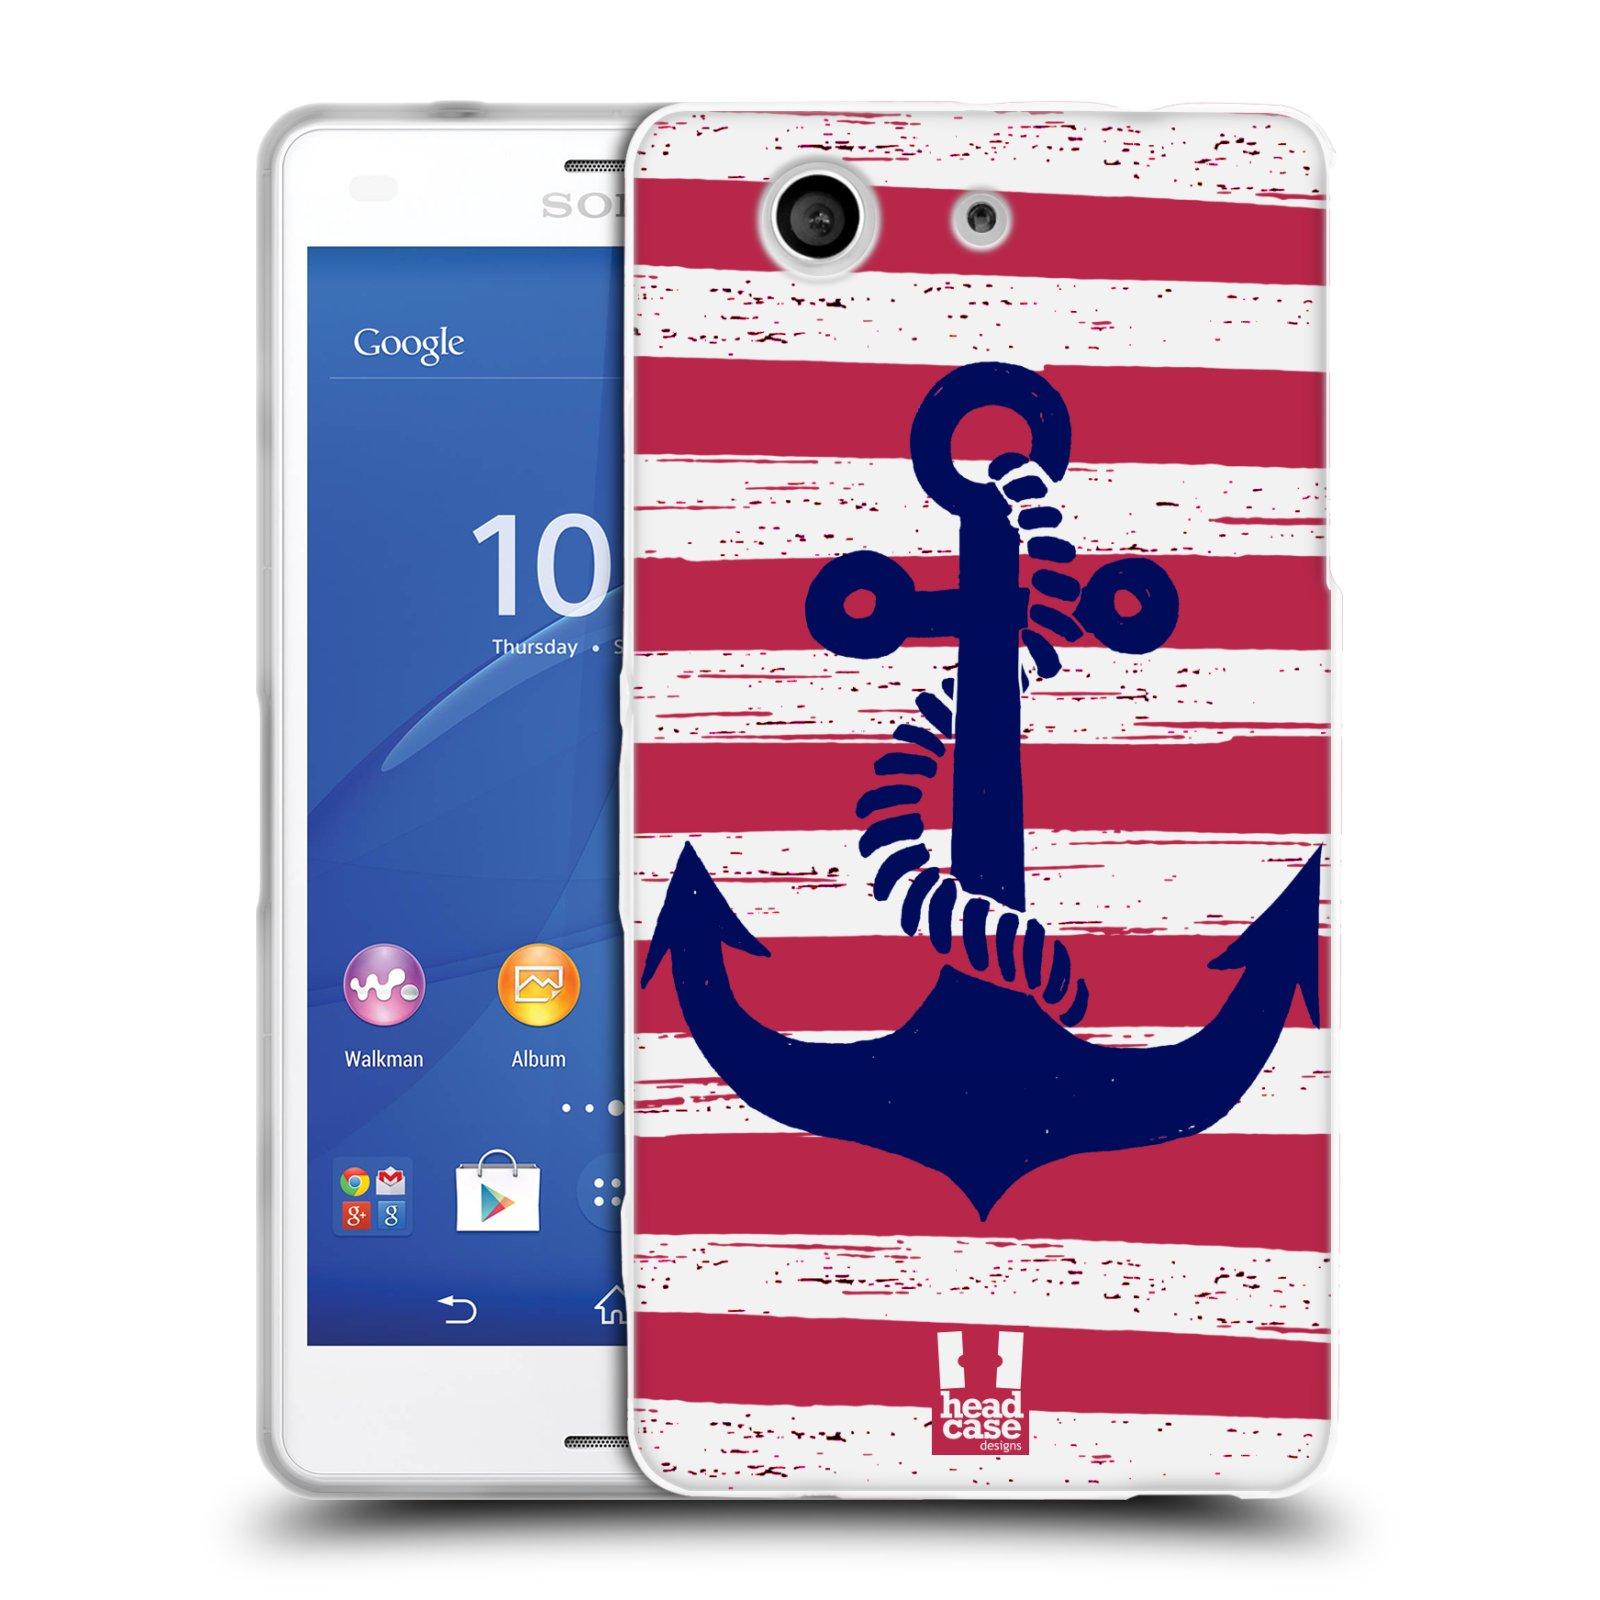 Silikonové pouzdro na mobil Sony Xperia Z3 Compact D5803 HEAD CASE KOTVA S PRUHY